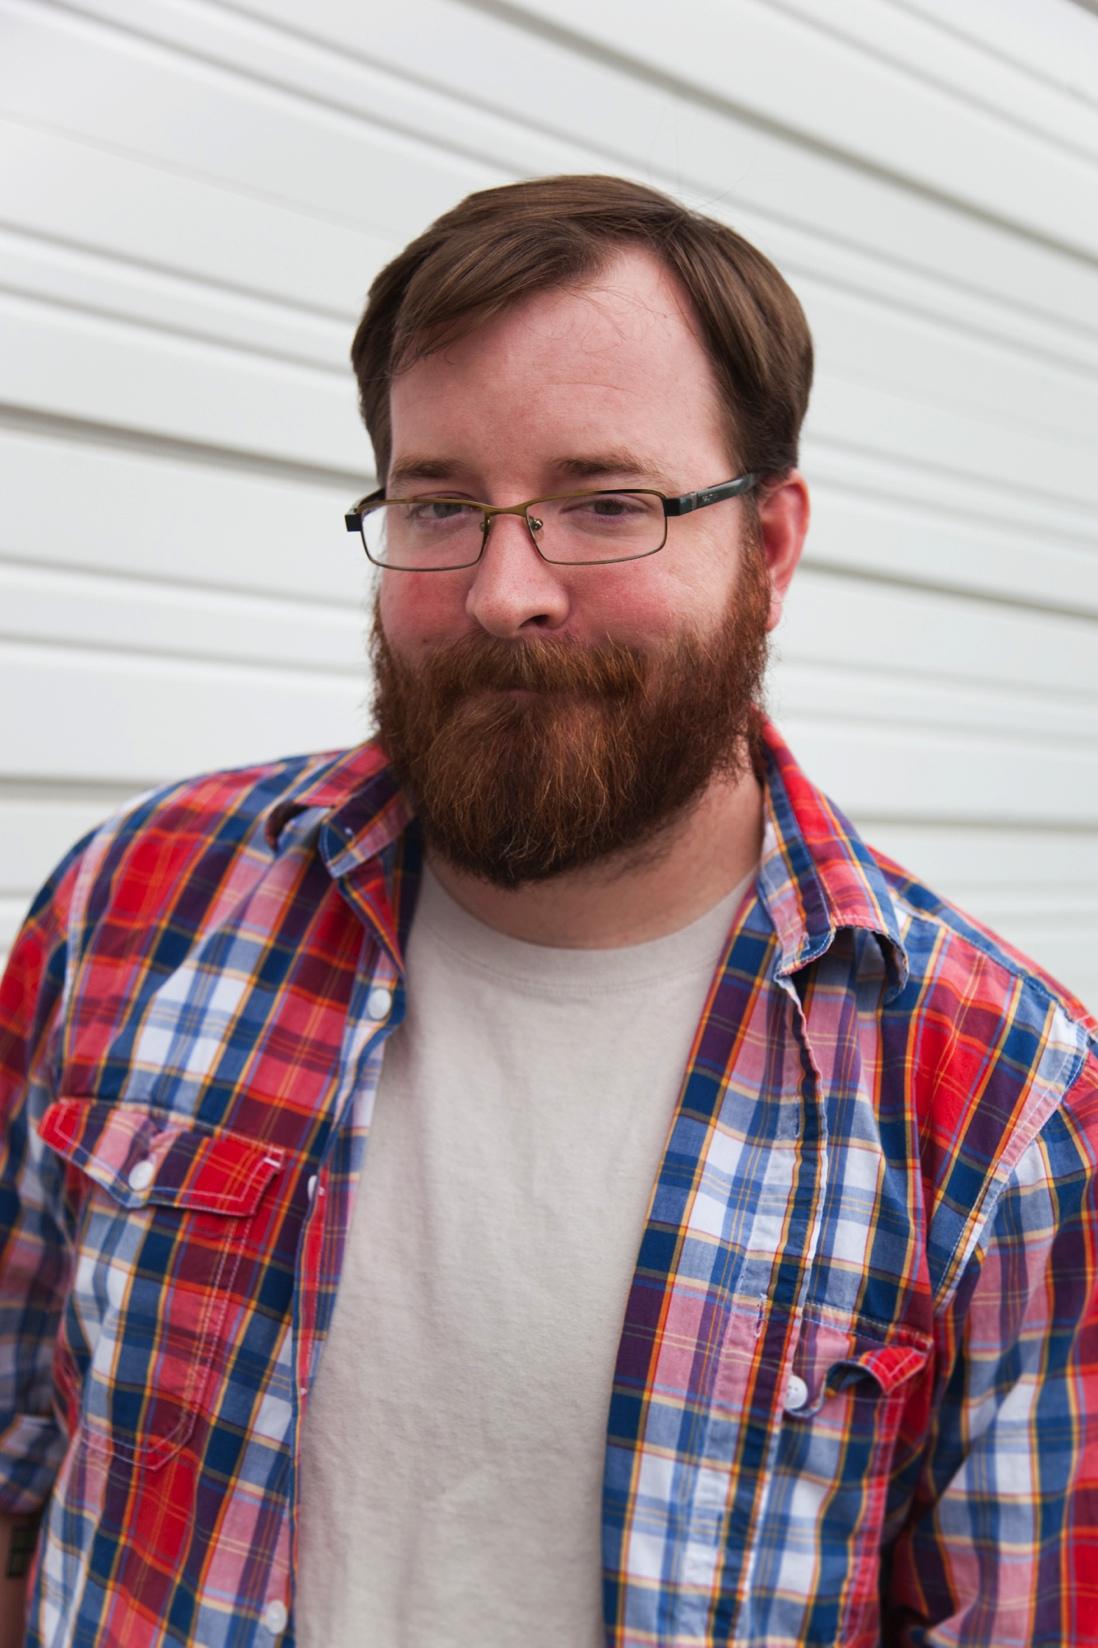 jack pattillo beard - photo #9